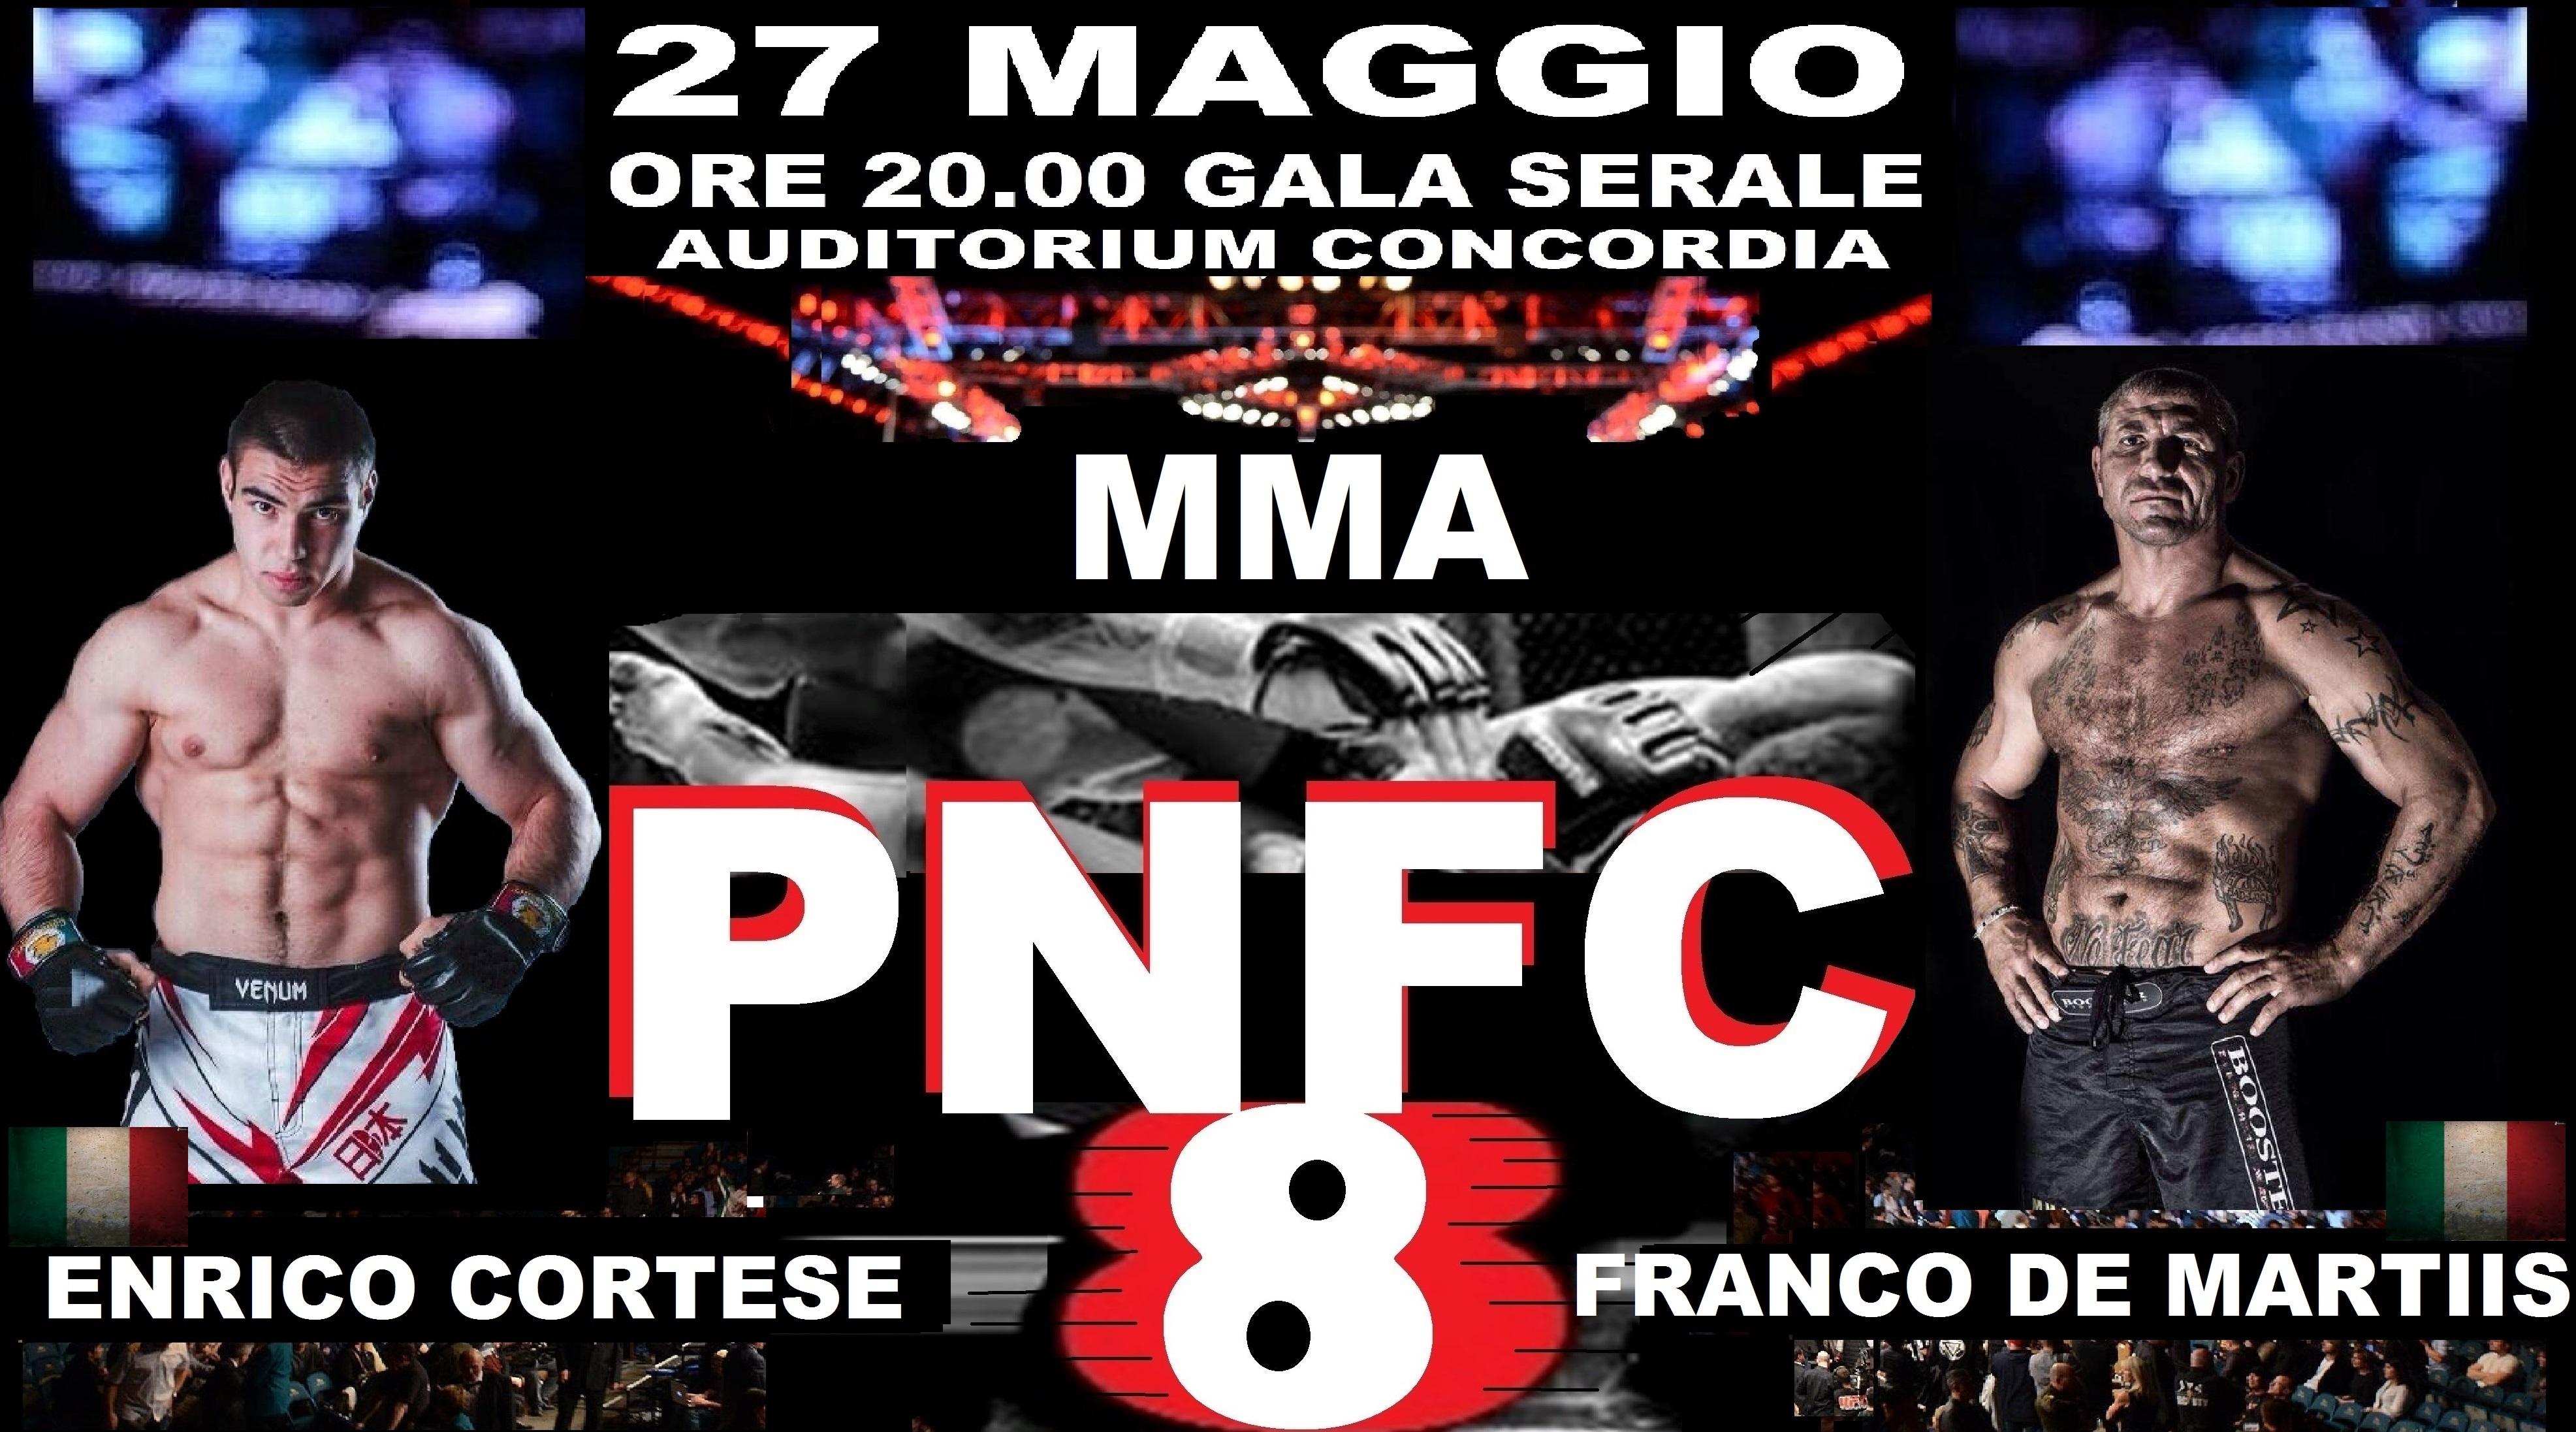 PNFC8 ci siamo con l'ottava edizione !! 9